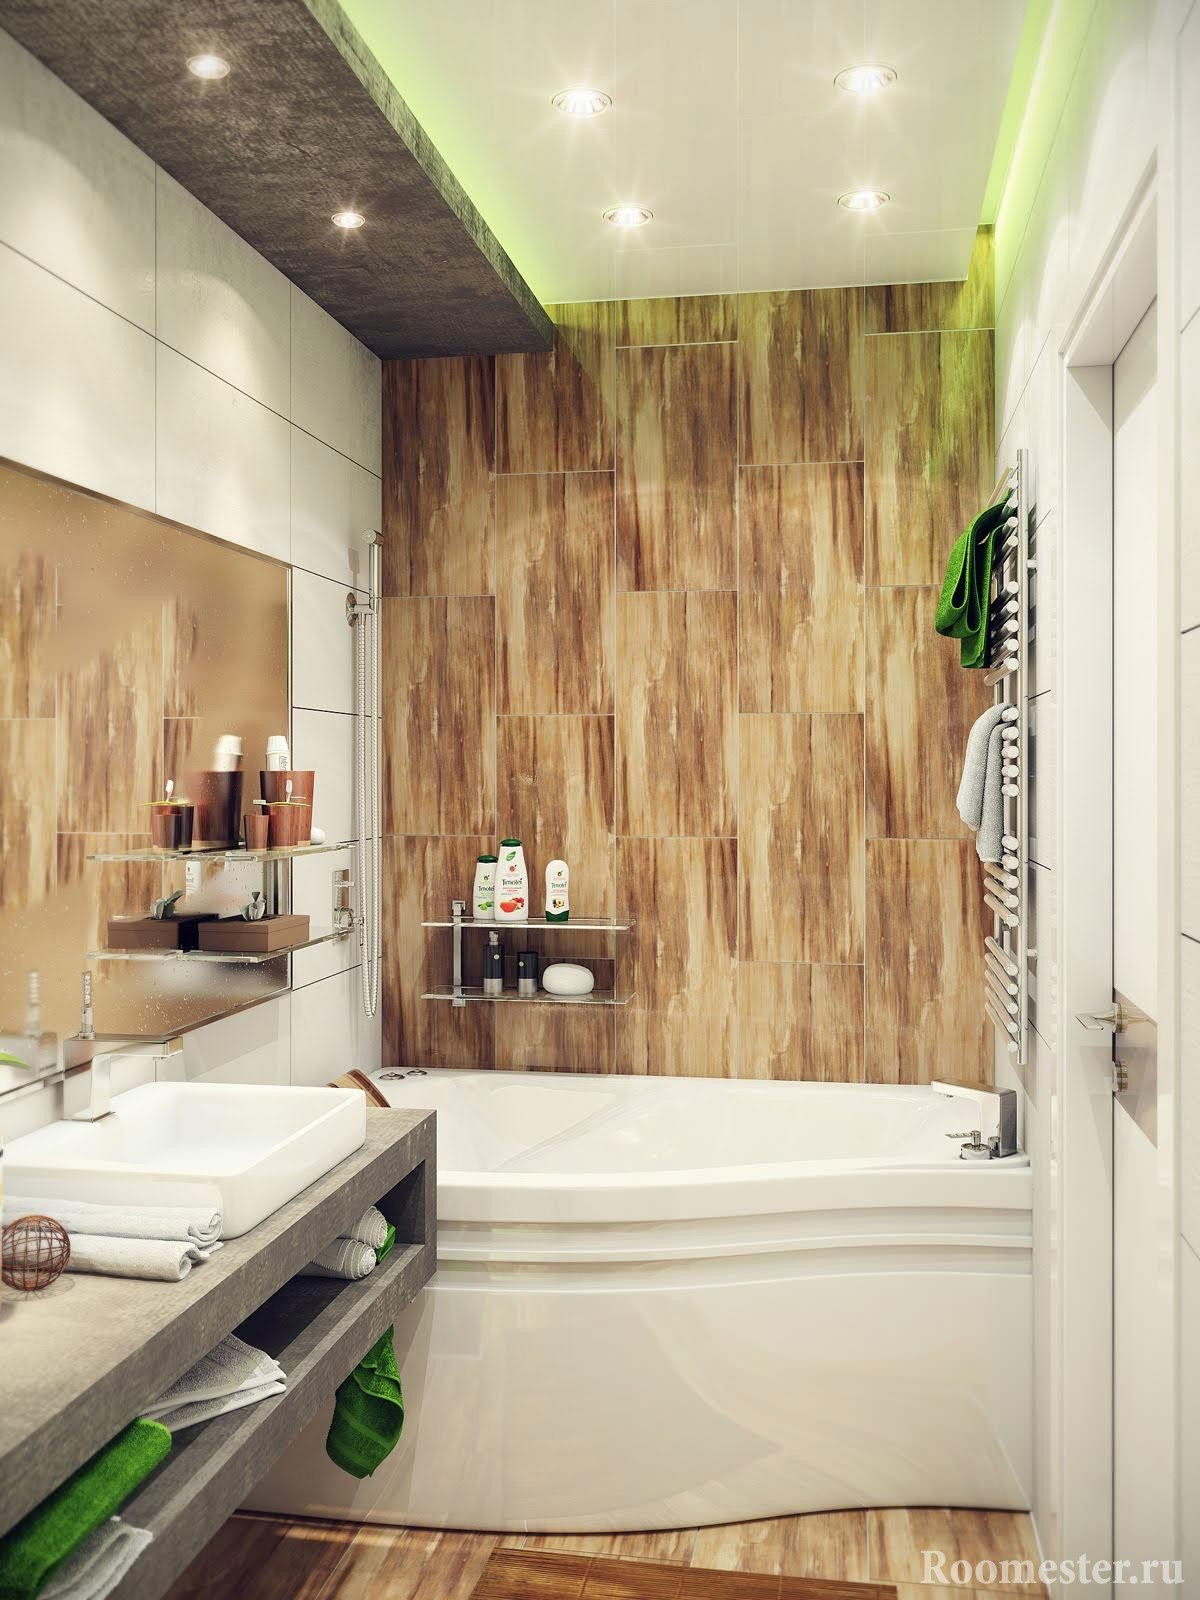 Зеленая светодиодная подсветка в ванной комнате